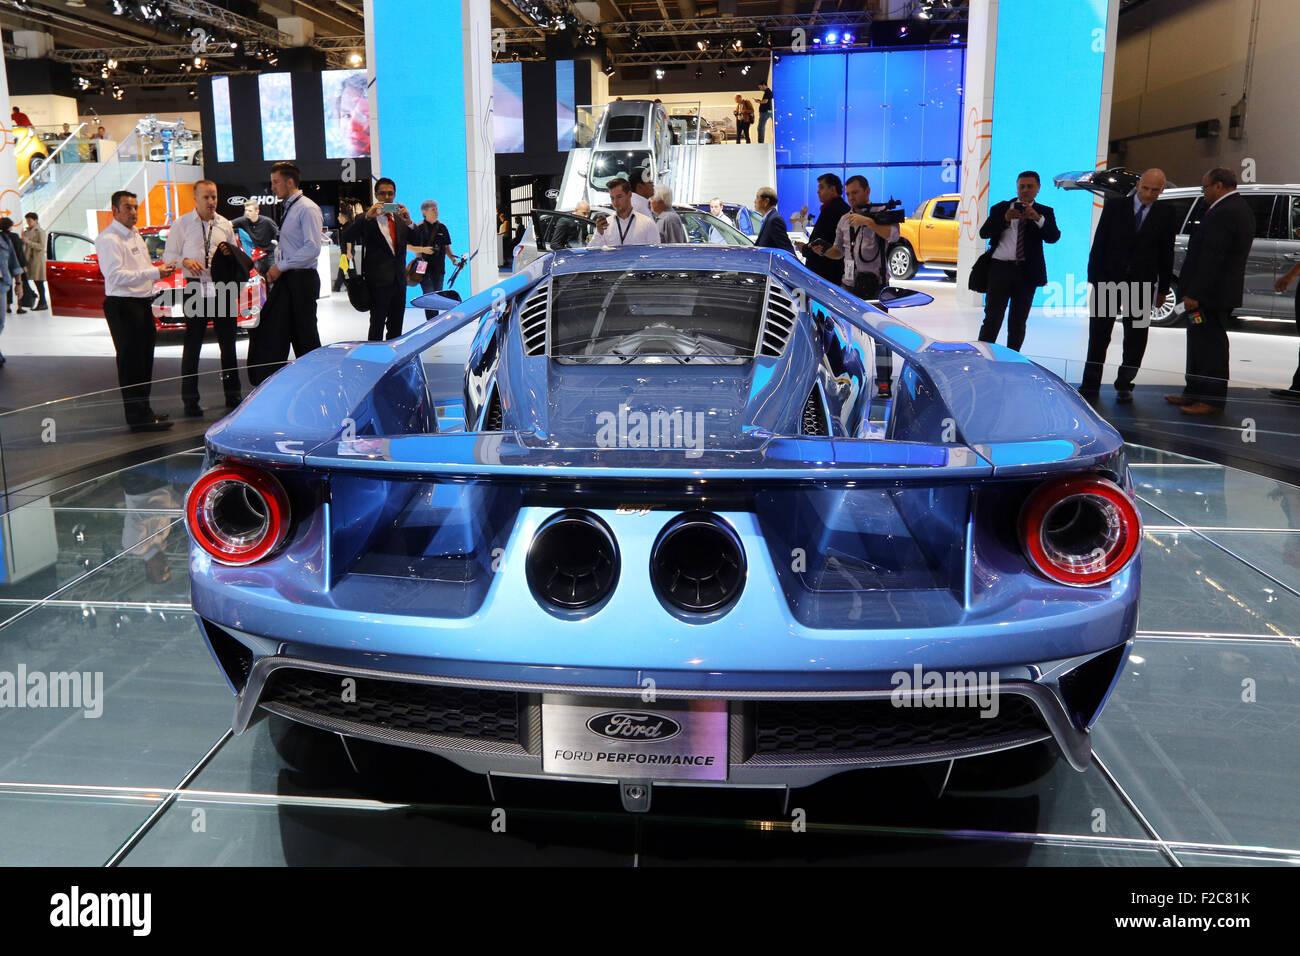 Frankfurt/M, 16.09.2015 - FORD GT Concept Car auf dem Ford-Stand auf der 66. internationalen Motor Show IAA 2015 Stockbild